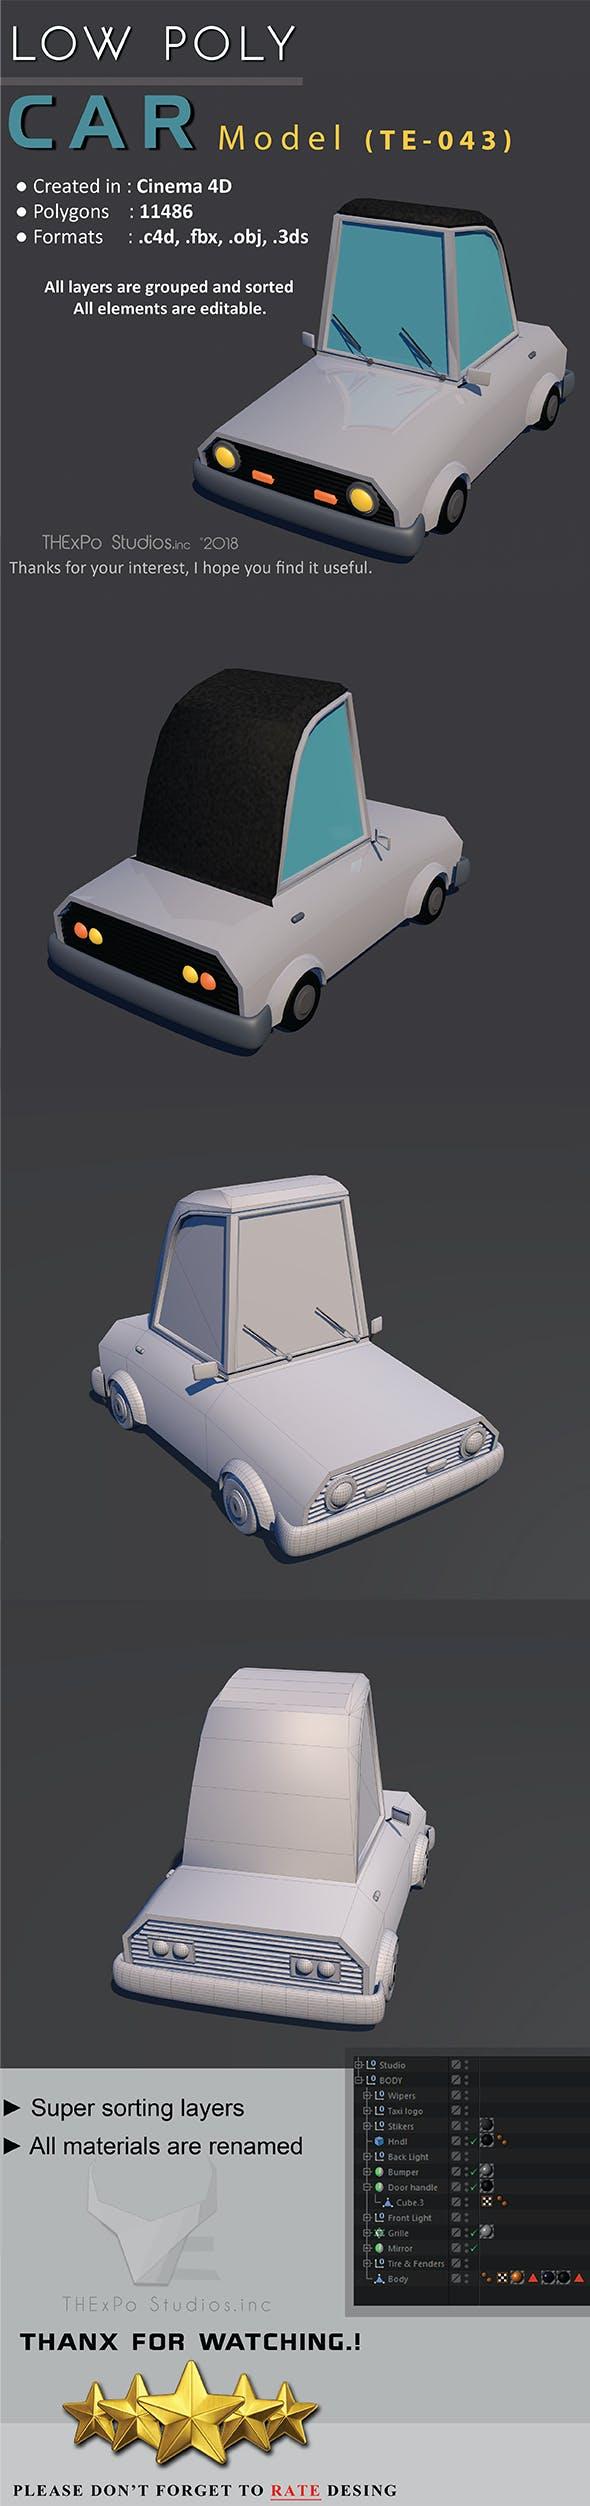 Low Poly Car || Model TE-043 - 3DOcean Item for Sale